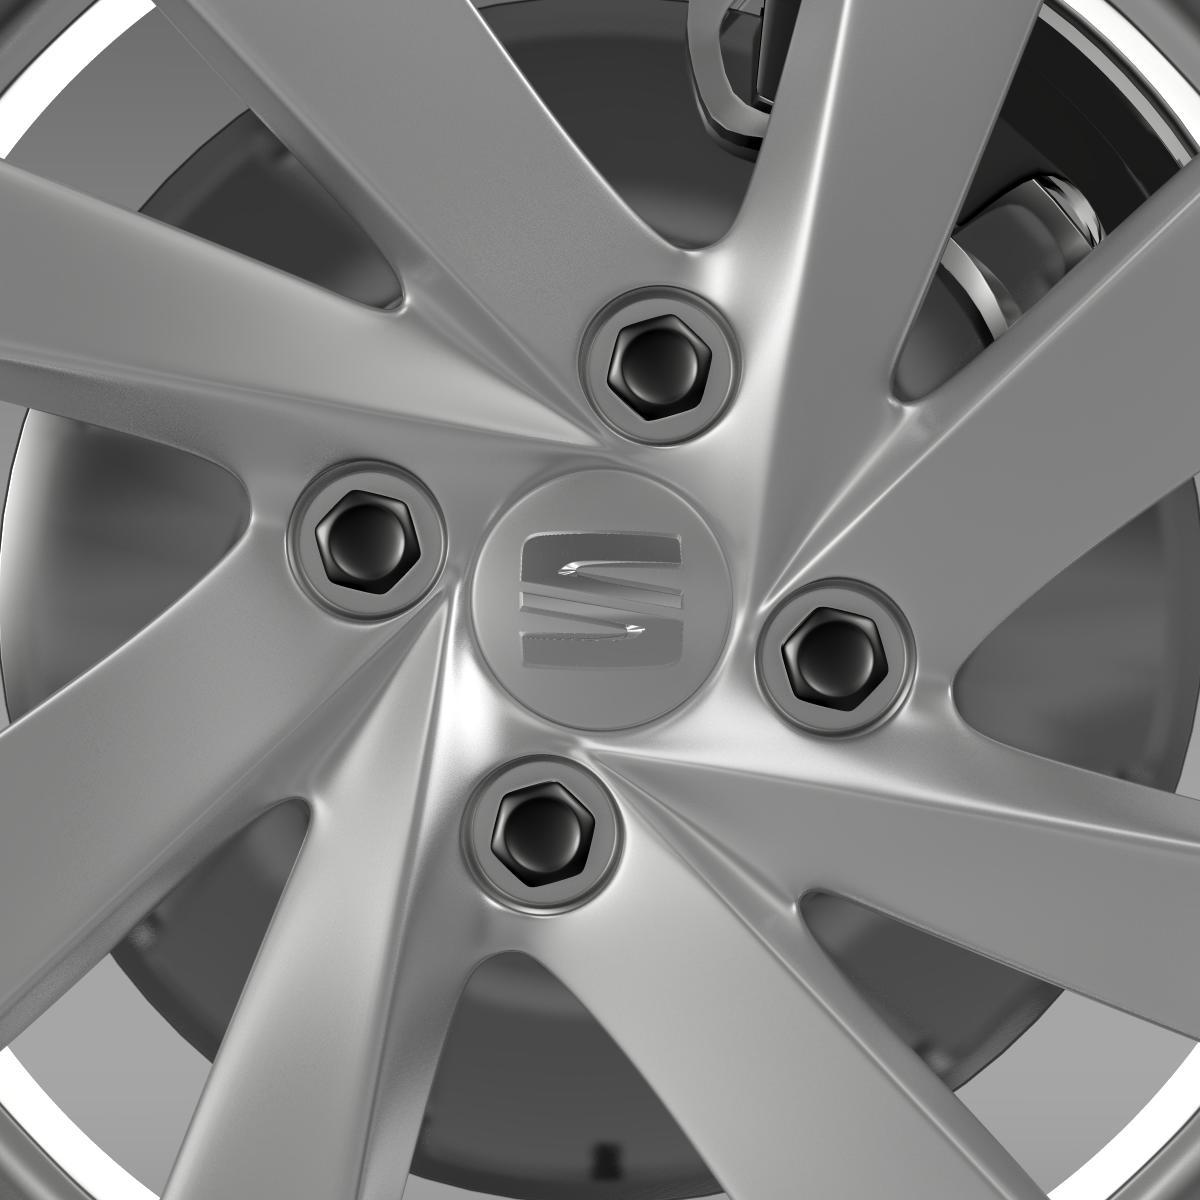 seat mii wheel 3d model 3ds max fbx c4d lwo ma mb hrc xsi obj 210860